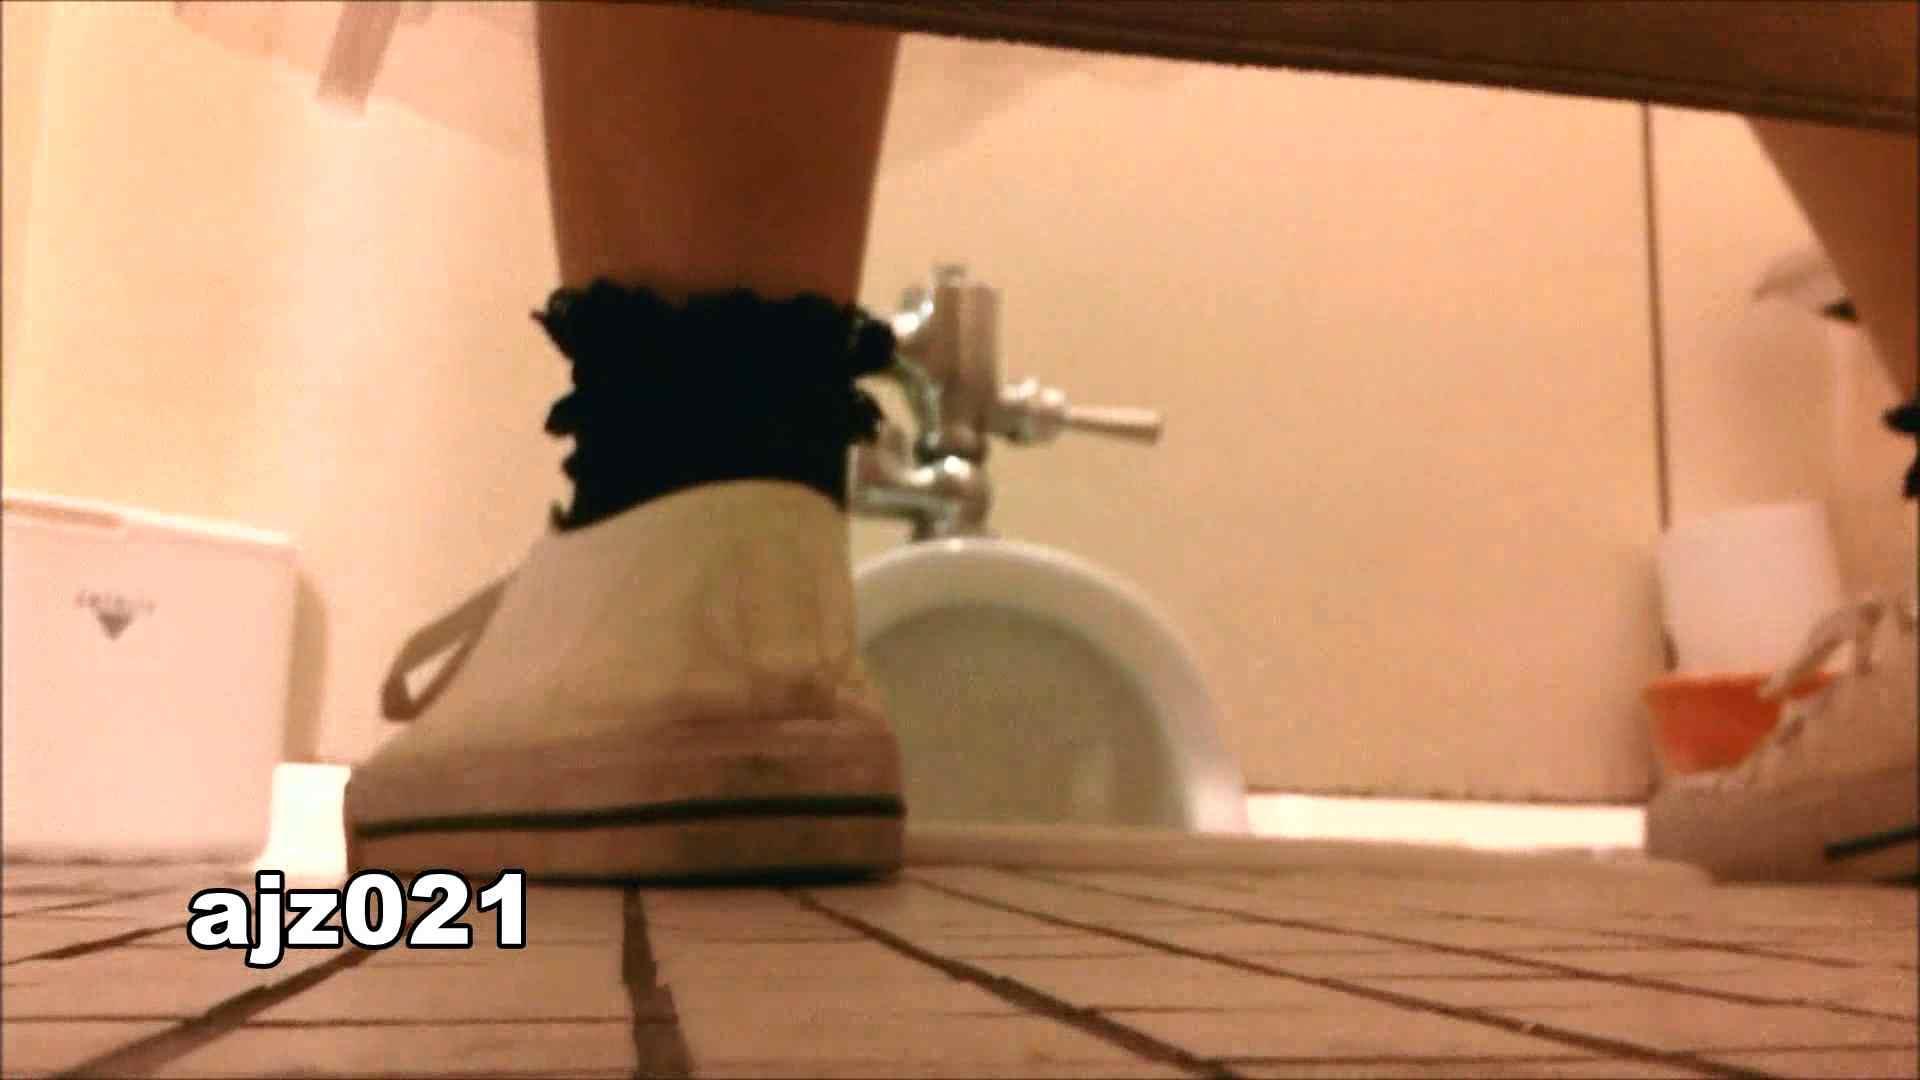 某有名大学女性洗面所 vol.21 排泄 AV無料動画キャプチャ 81画像 7